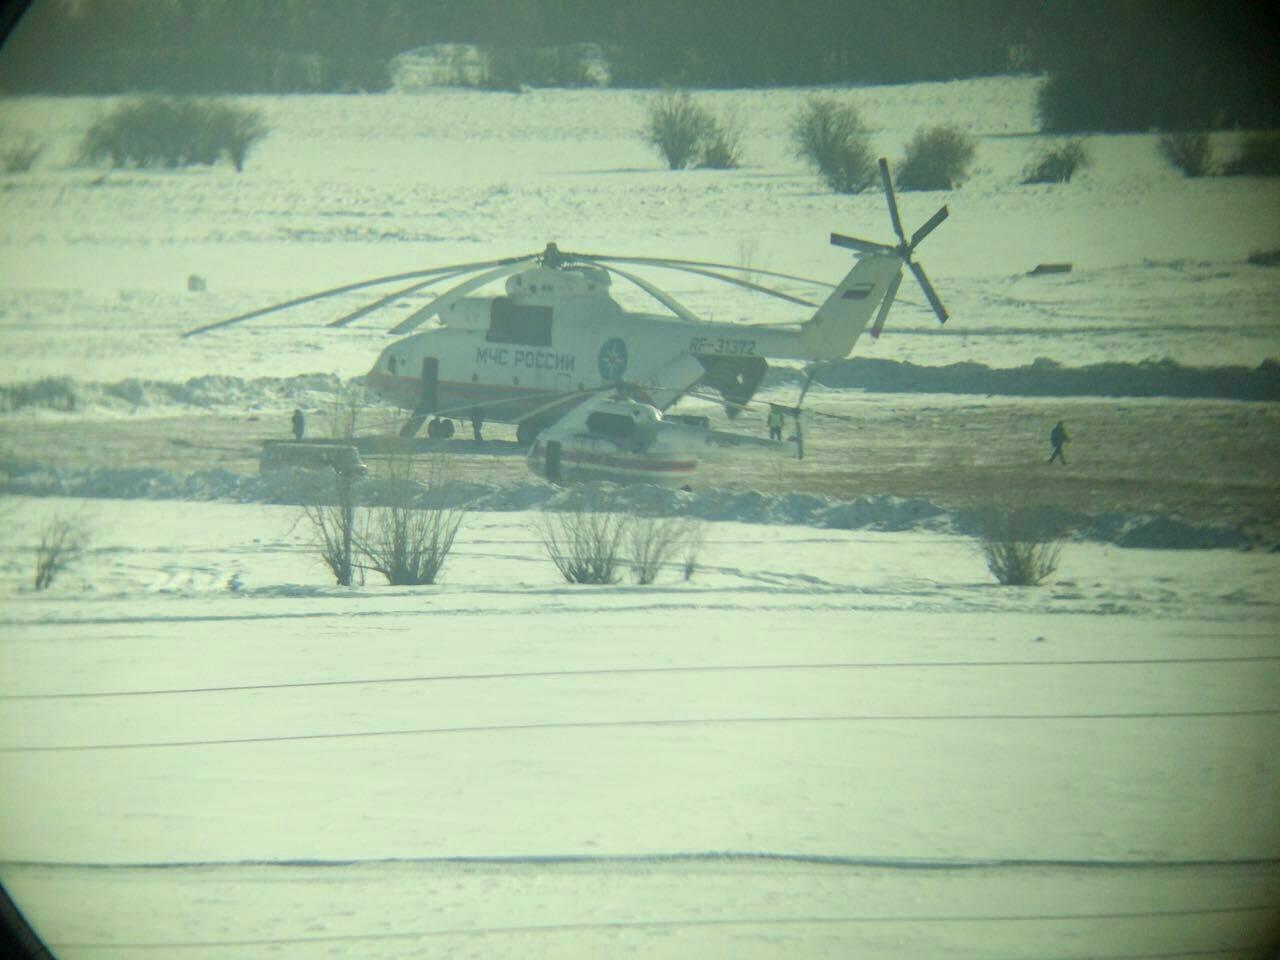 Фотофакт: в Якутск прилетел самый большой серийно выпускаемый вертолет в мире